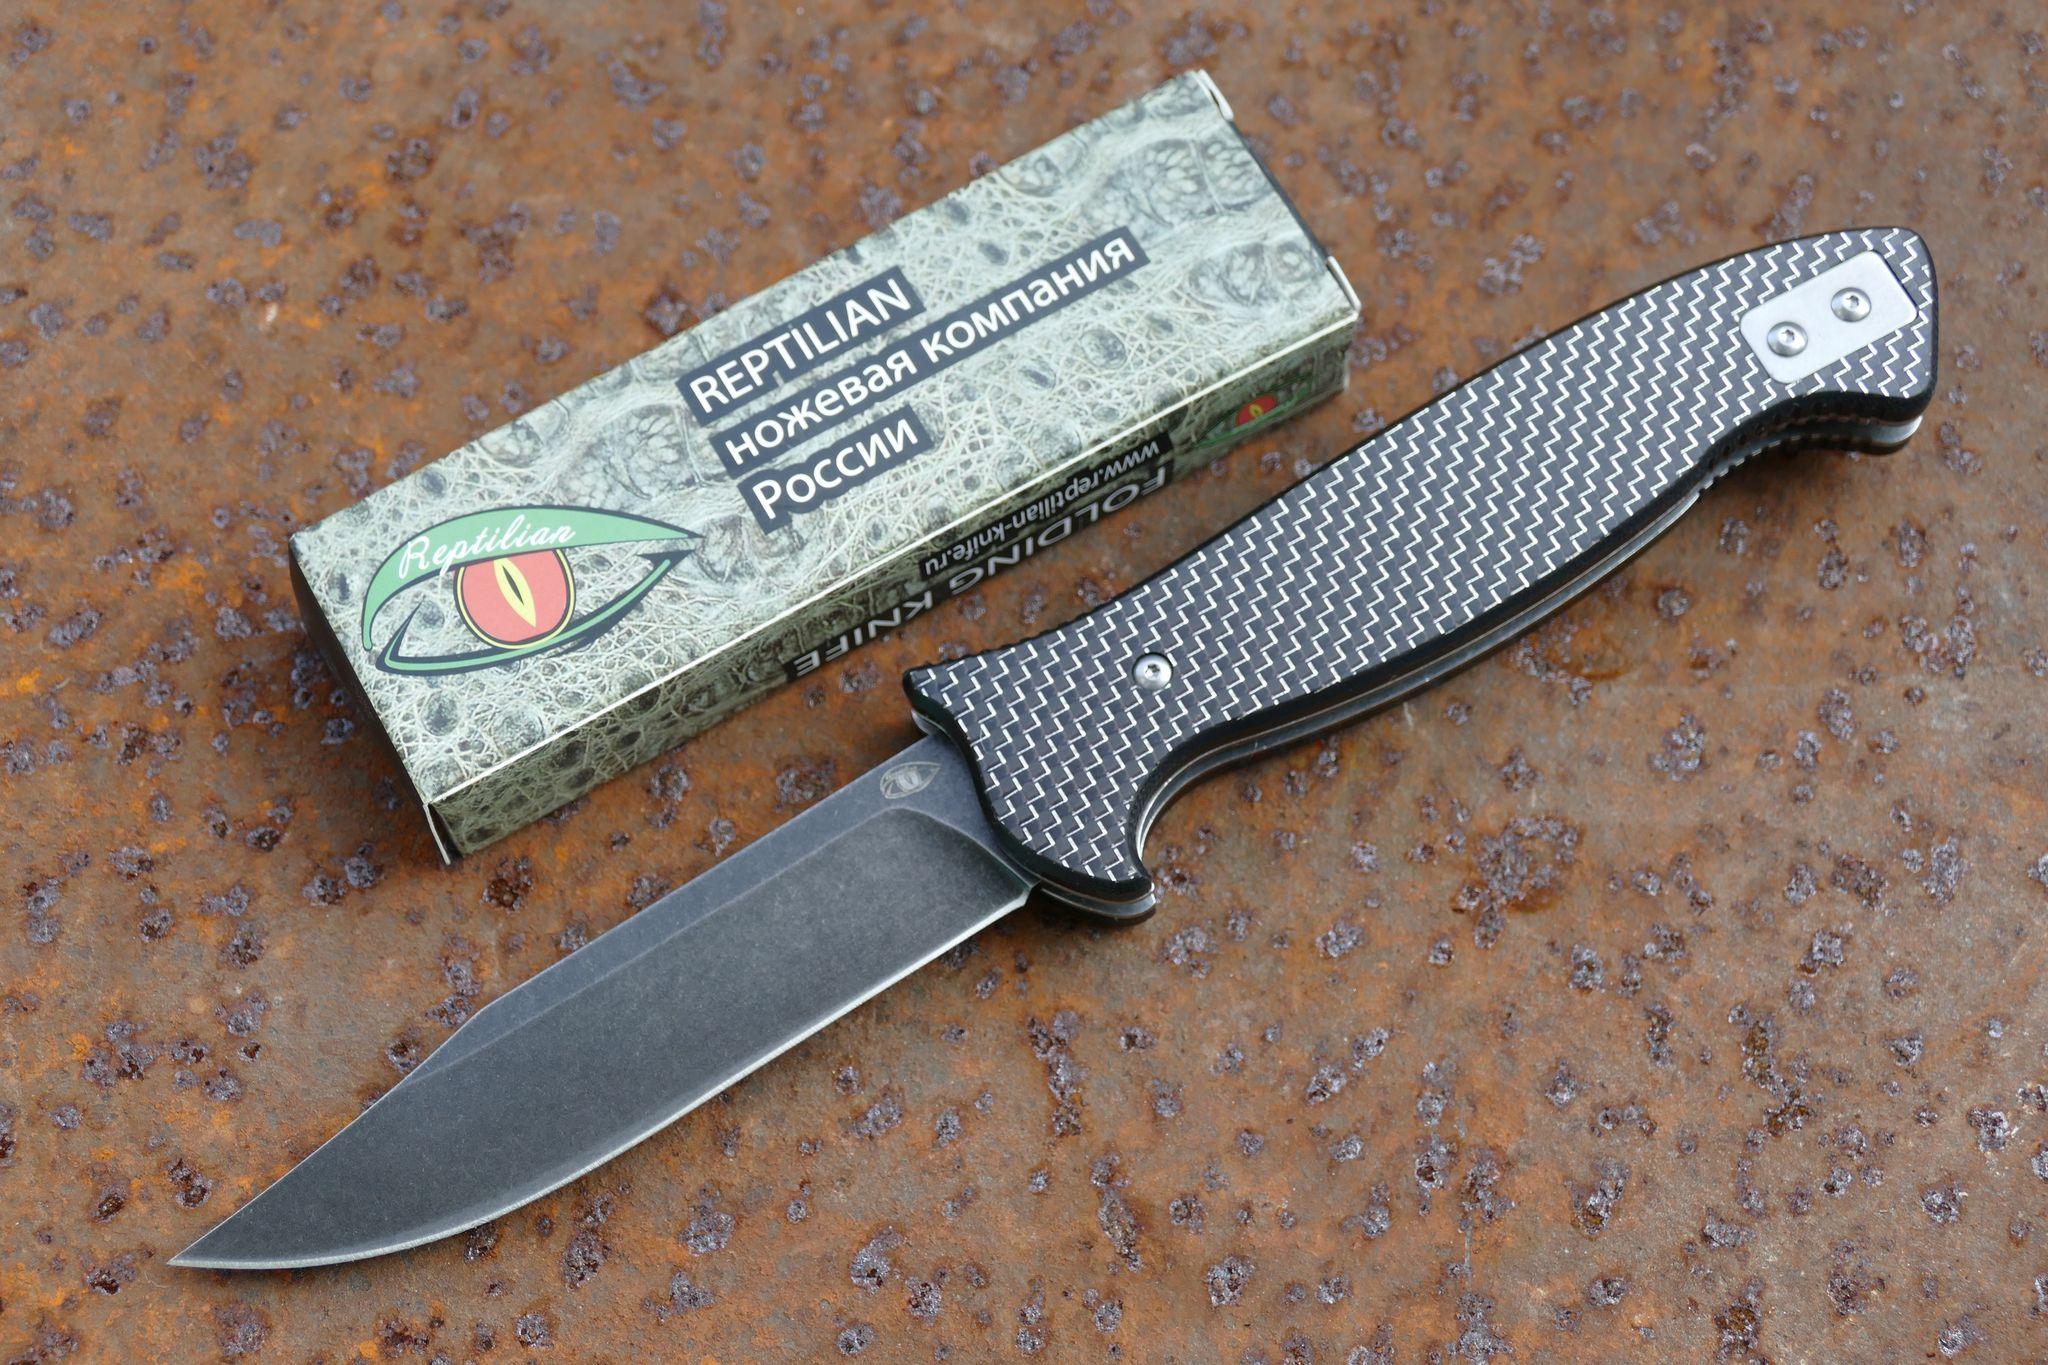 Складной Нож Разведчика, карбон сереброРаскладные ножи<br>марка стали: D2твёрдость: HRC60-61длина общая: 255ммдлина клинка: 113ммширина клинка наибольшая: 25ммтолщина обуха: 3.5ммобработка клинка: black stonewashвес: 217гр<br>